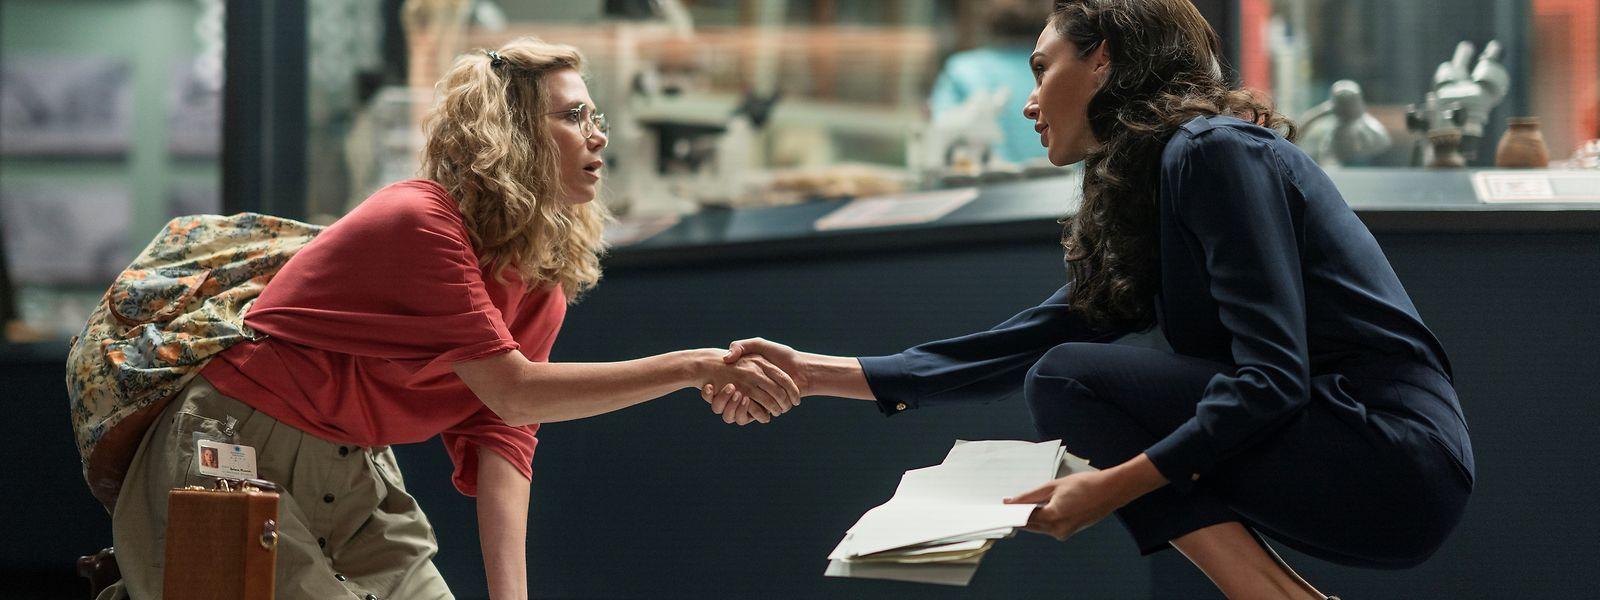 """Die für ihre Auftritte in der Comedy-Show """"Saturday Night Live"""" mehrfach mit einem Emmy ausgezeichnete Schauspielerin Kristen Wiig (l.) schlüpft in """"Wonder Woman 1984"""" in die Rolle der Wissenschaftlerin Barbara Ann Minerva. Sie wird – mit übernatürlichen Kräften ausgestattet – zur Gegenspielerin von Superheldin Wonder Woman (Gal Gadot, r.)."""